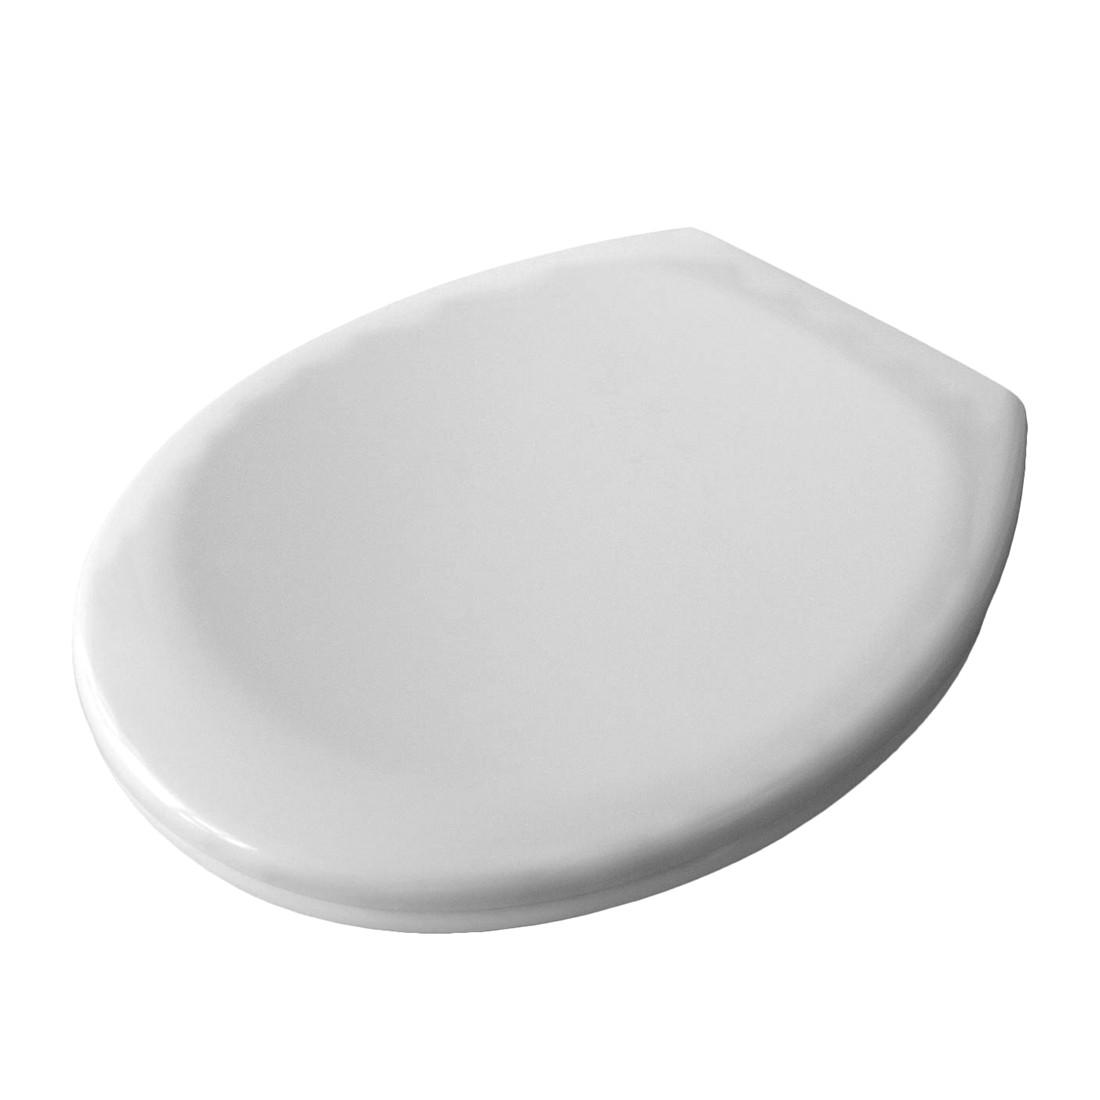 WC-Sitz Deckel – Kunststoff Weiß 1791, VCM online kaufen